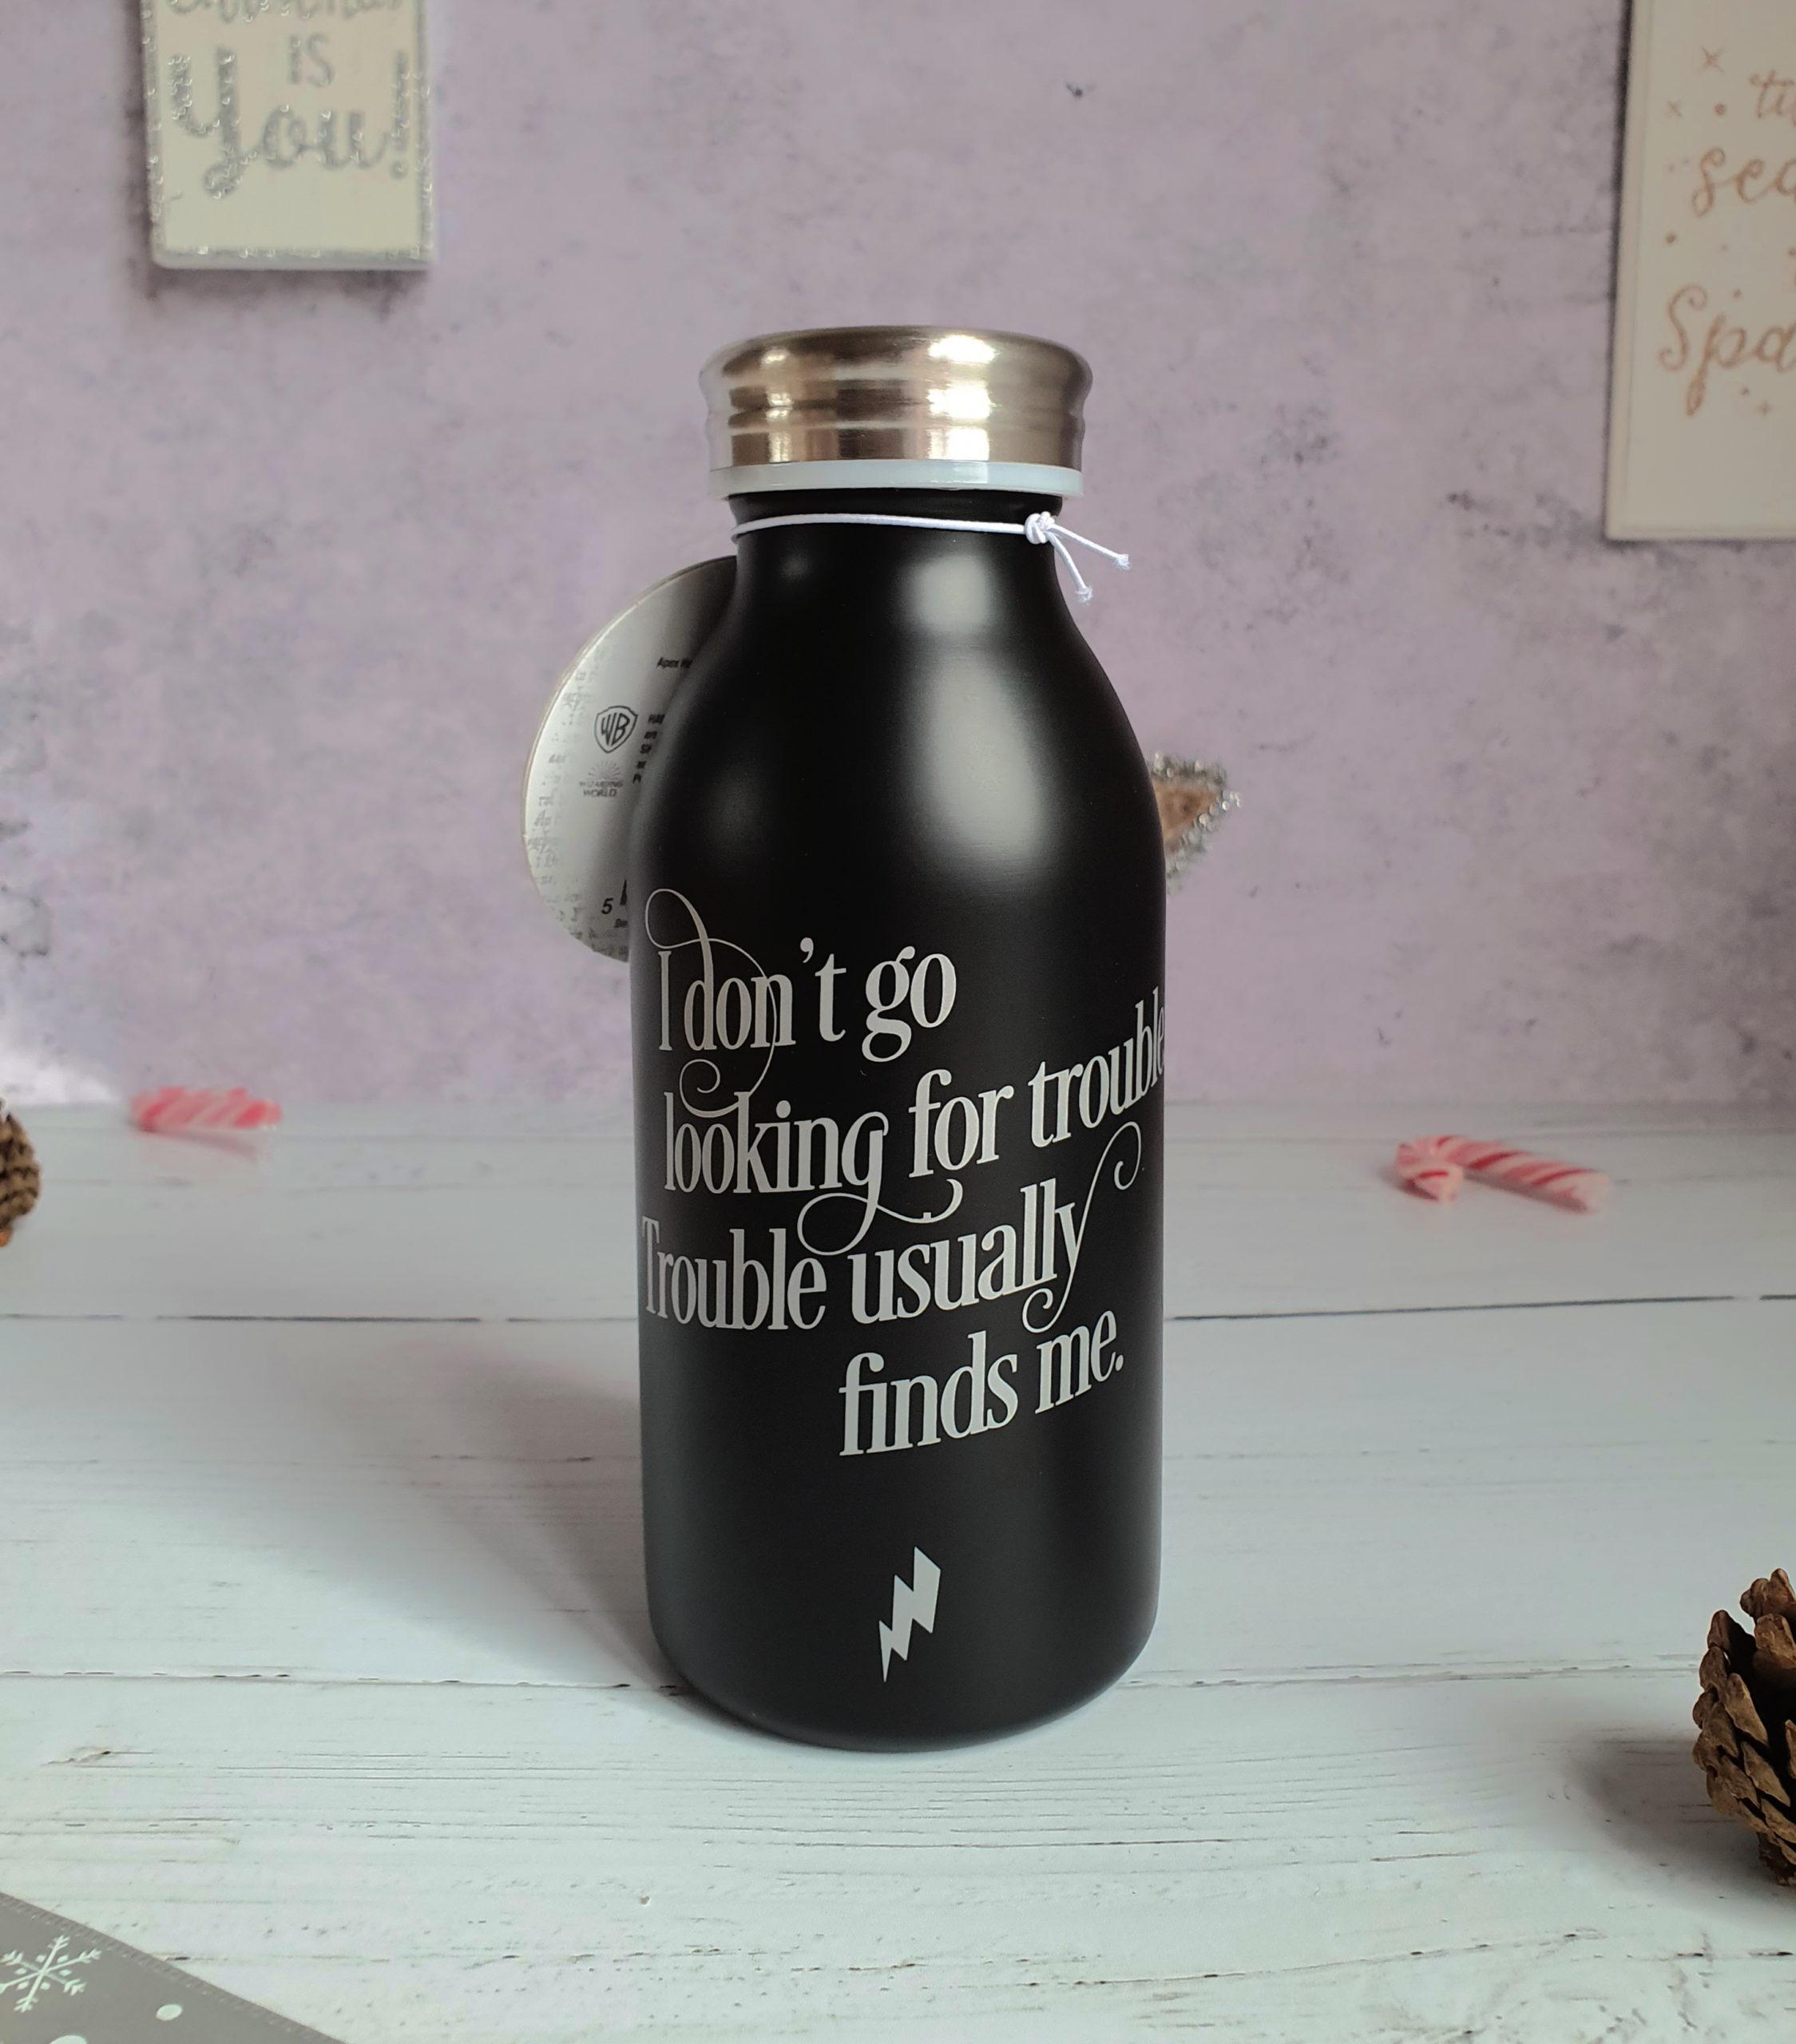 Trouble water bottle